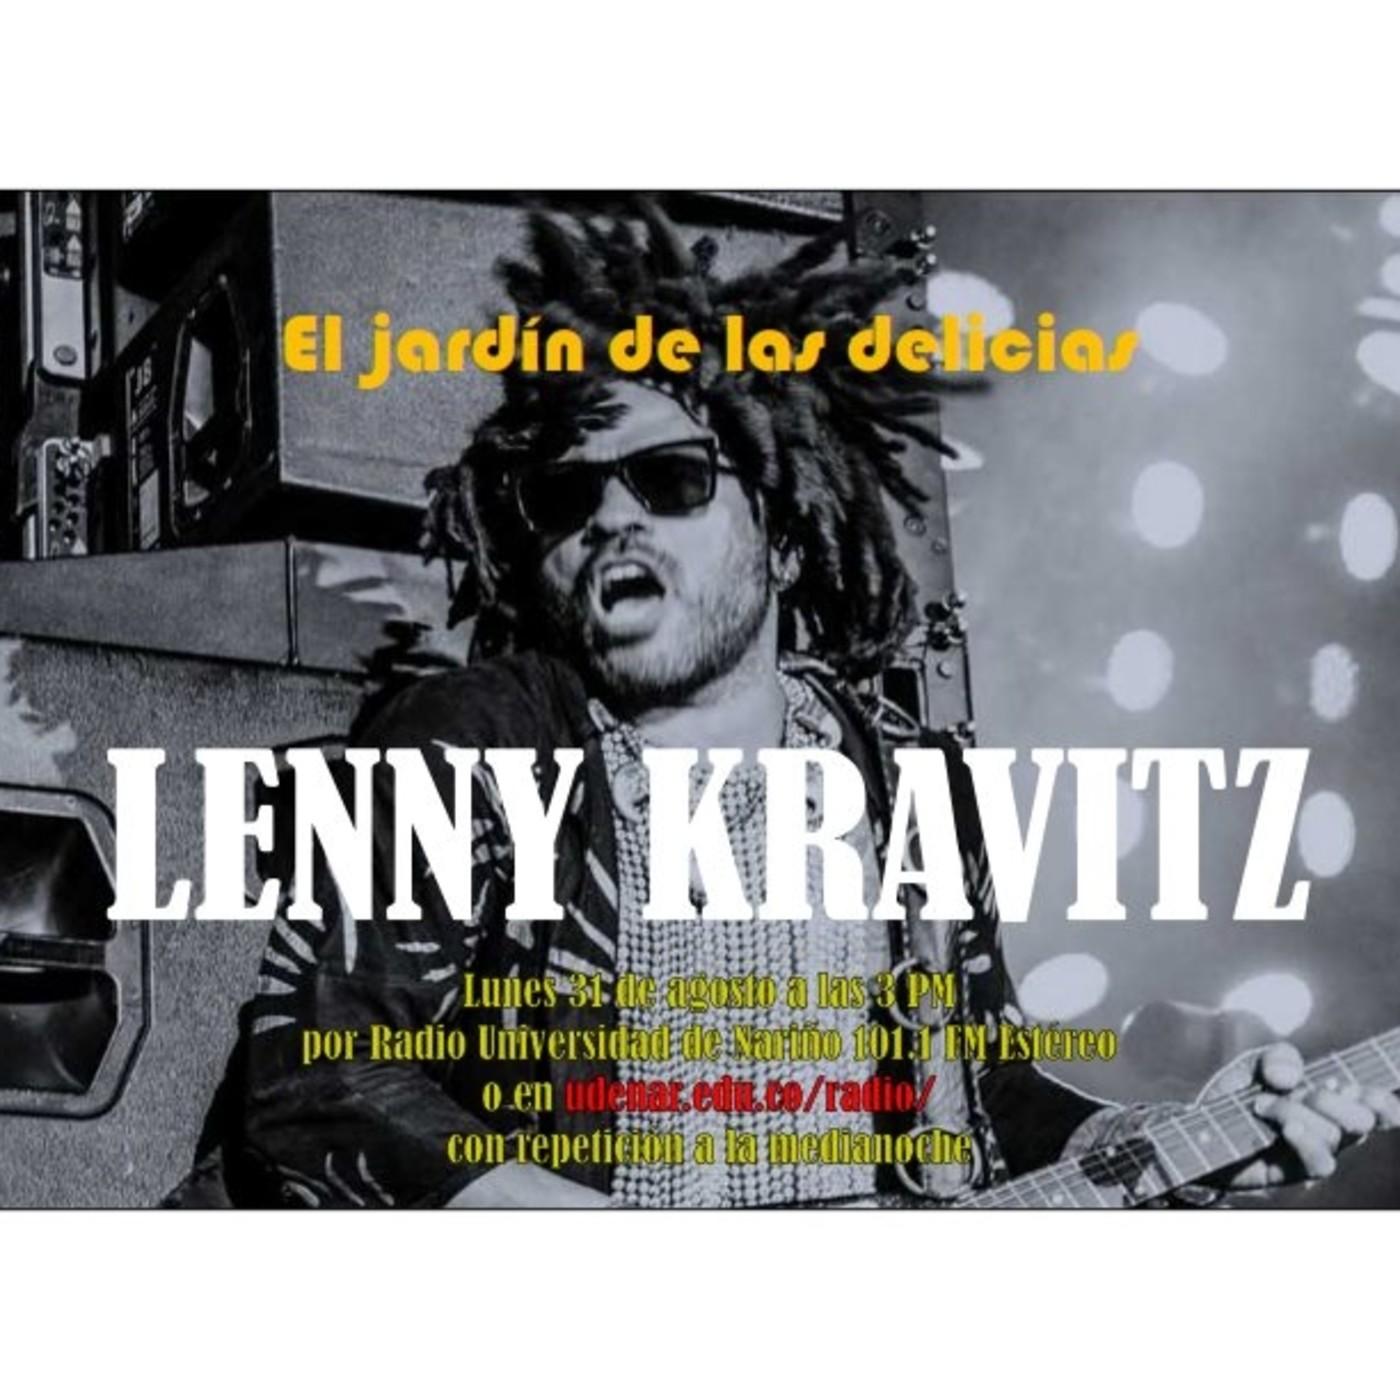 Lenny Kravitz - El jardín de las delicias